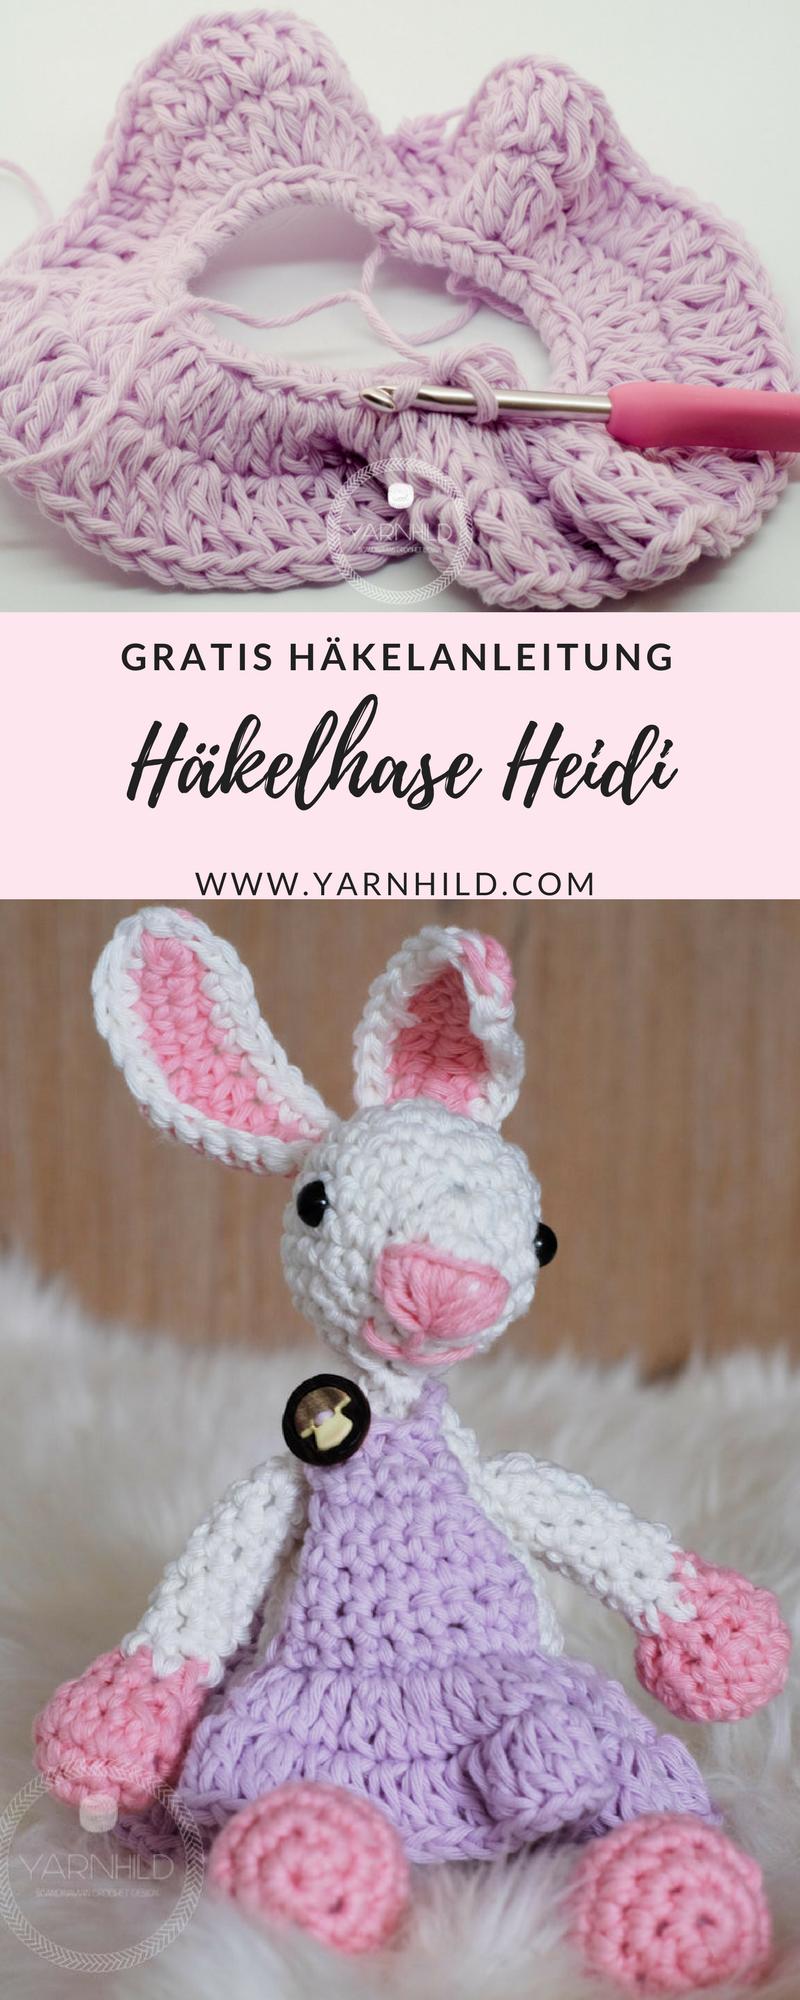 Häkelhase Heidi - Gratis Häkelanleitung | Diy pins